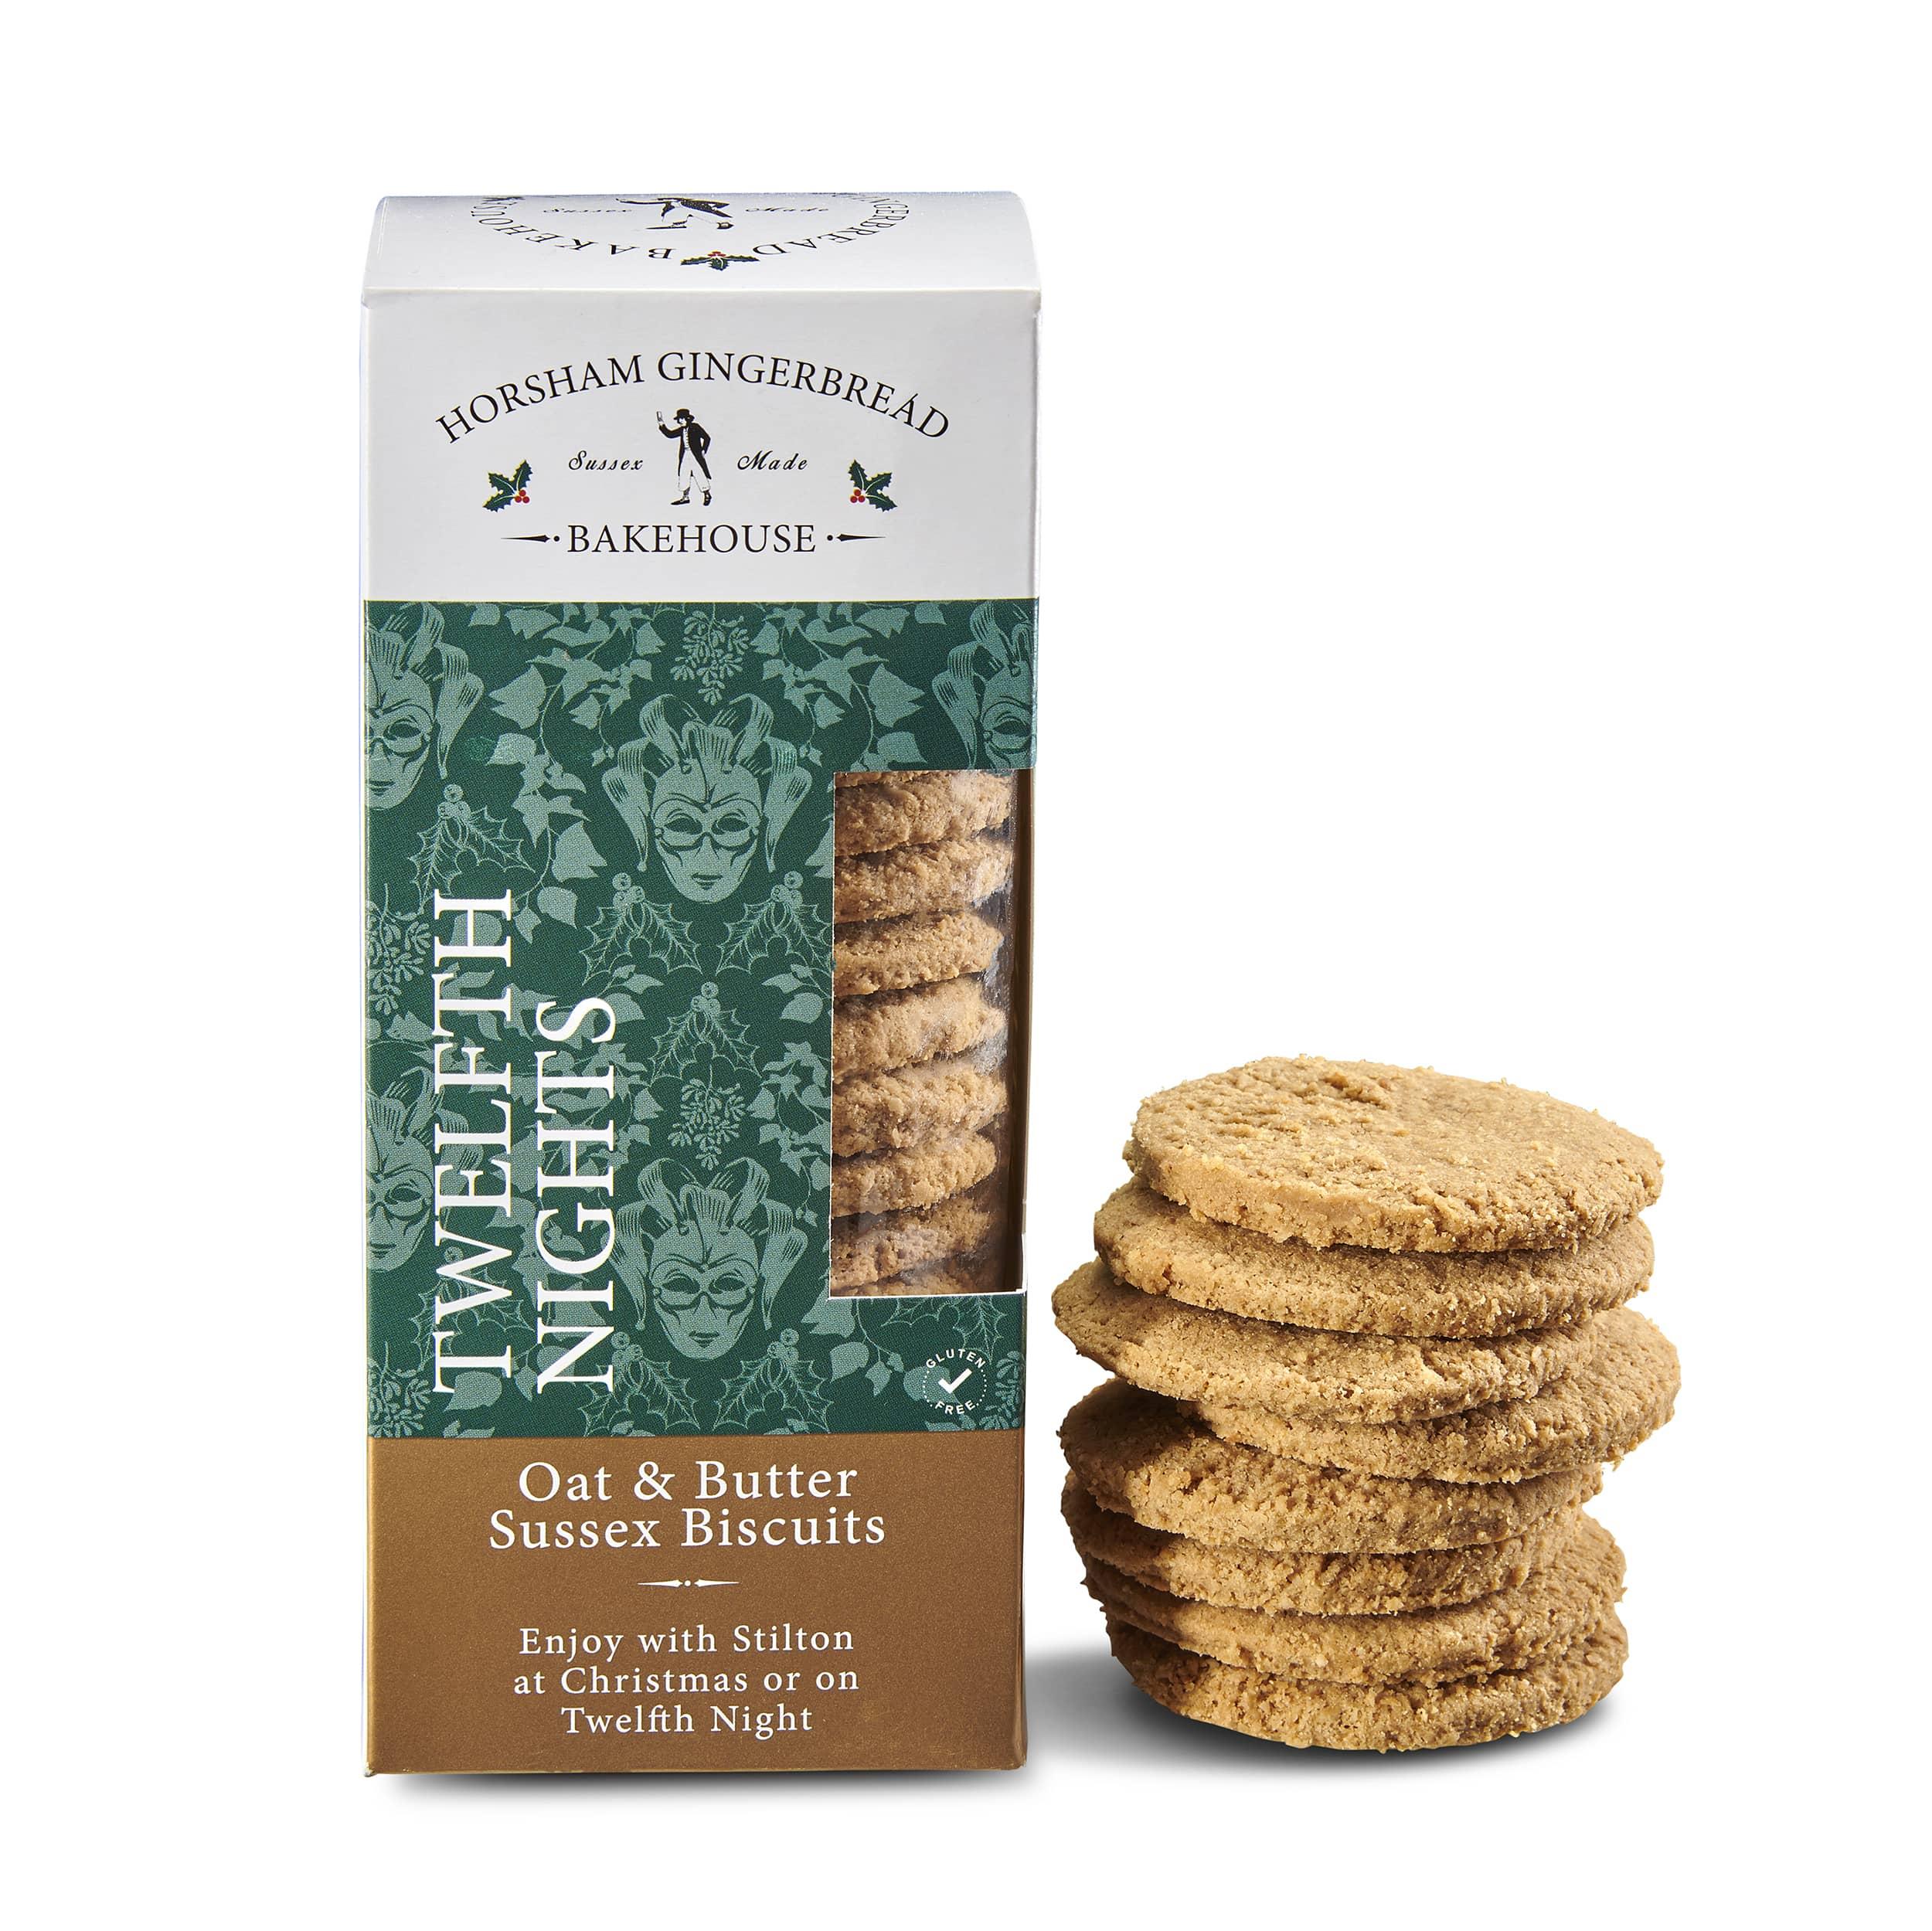 Twelfth Night Biscuits